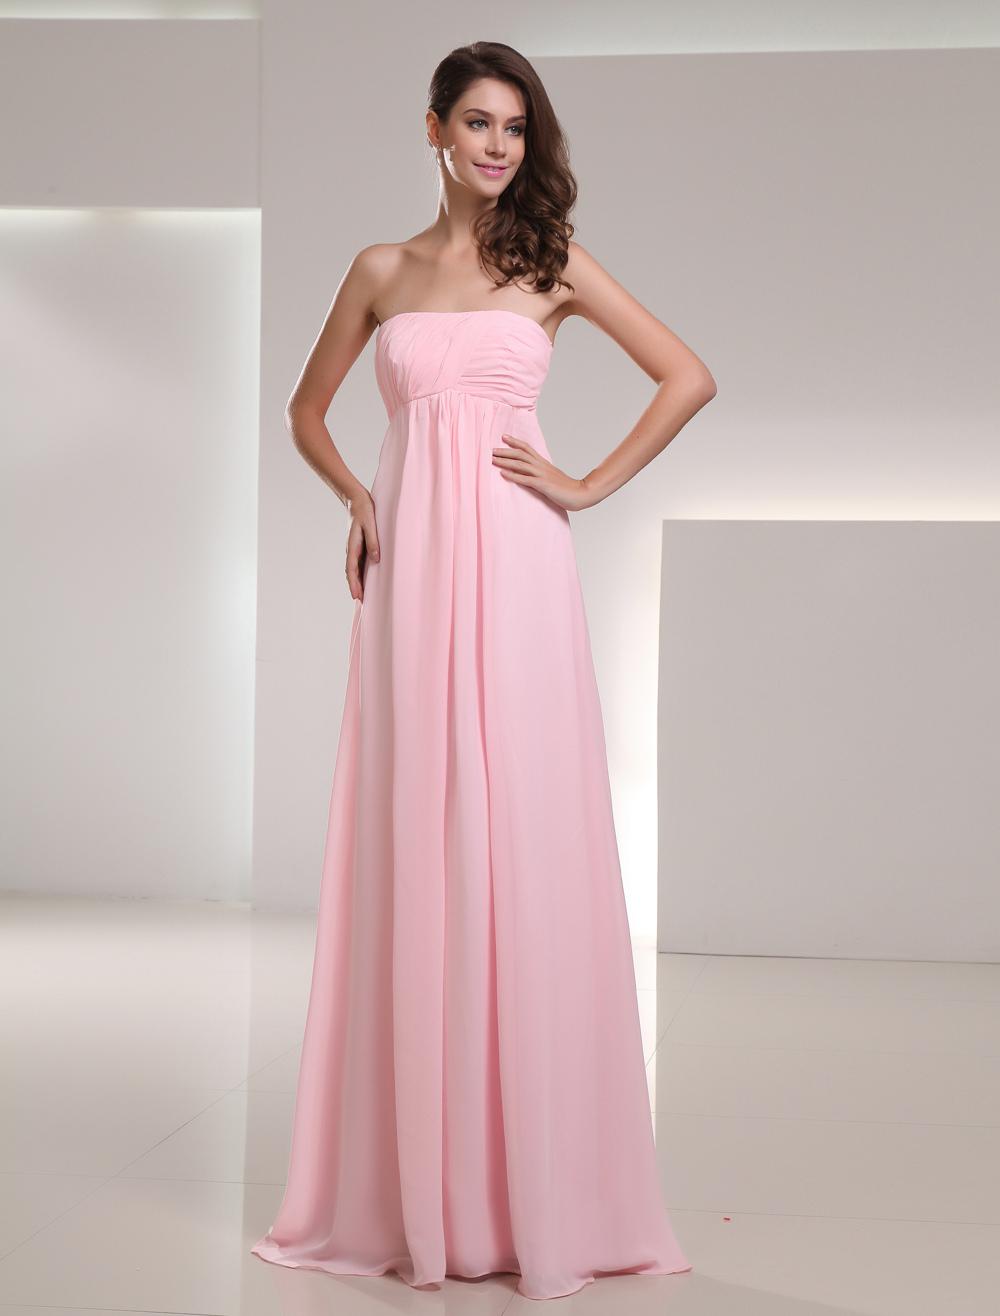 Chiffon Empire-Kleid für Hochzeit mit trägerlosem Design und Falten ...